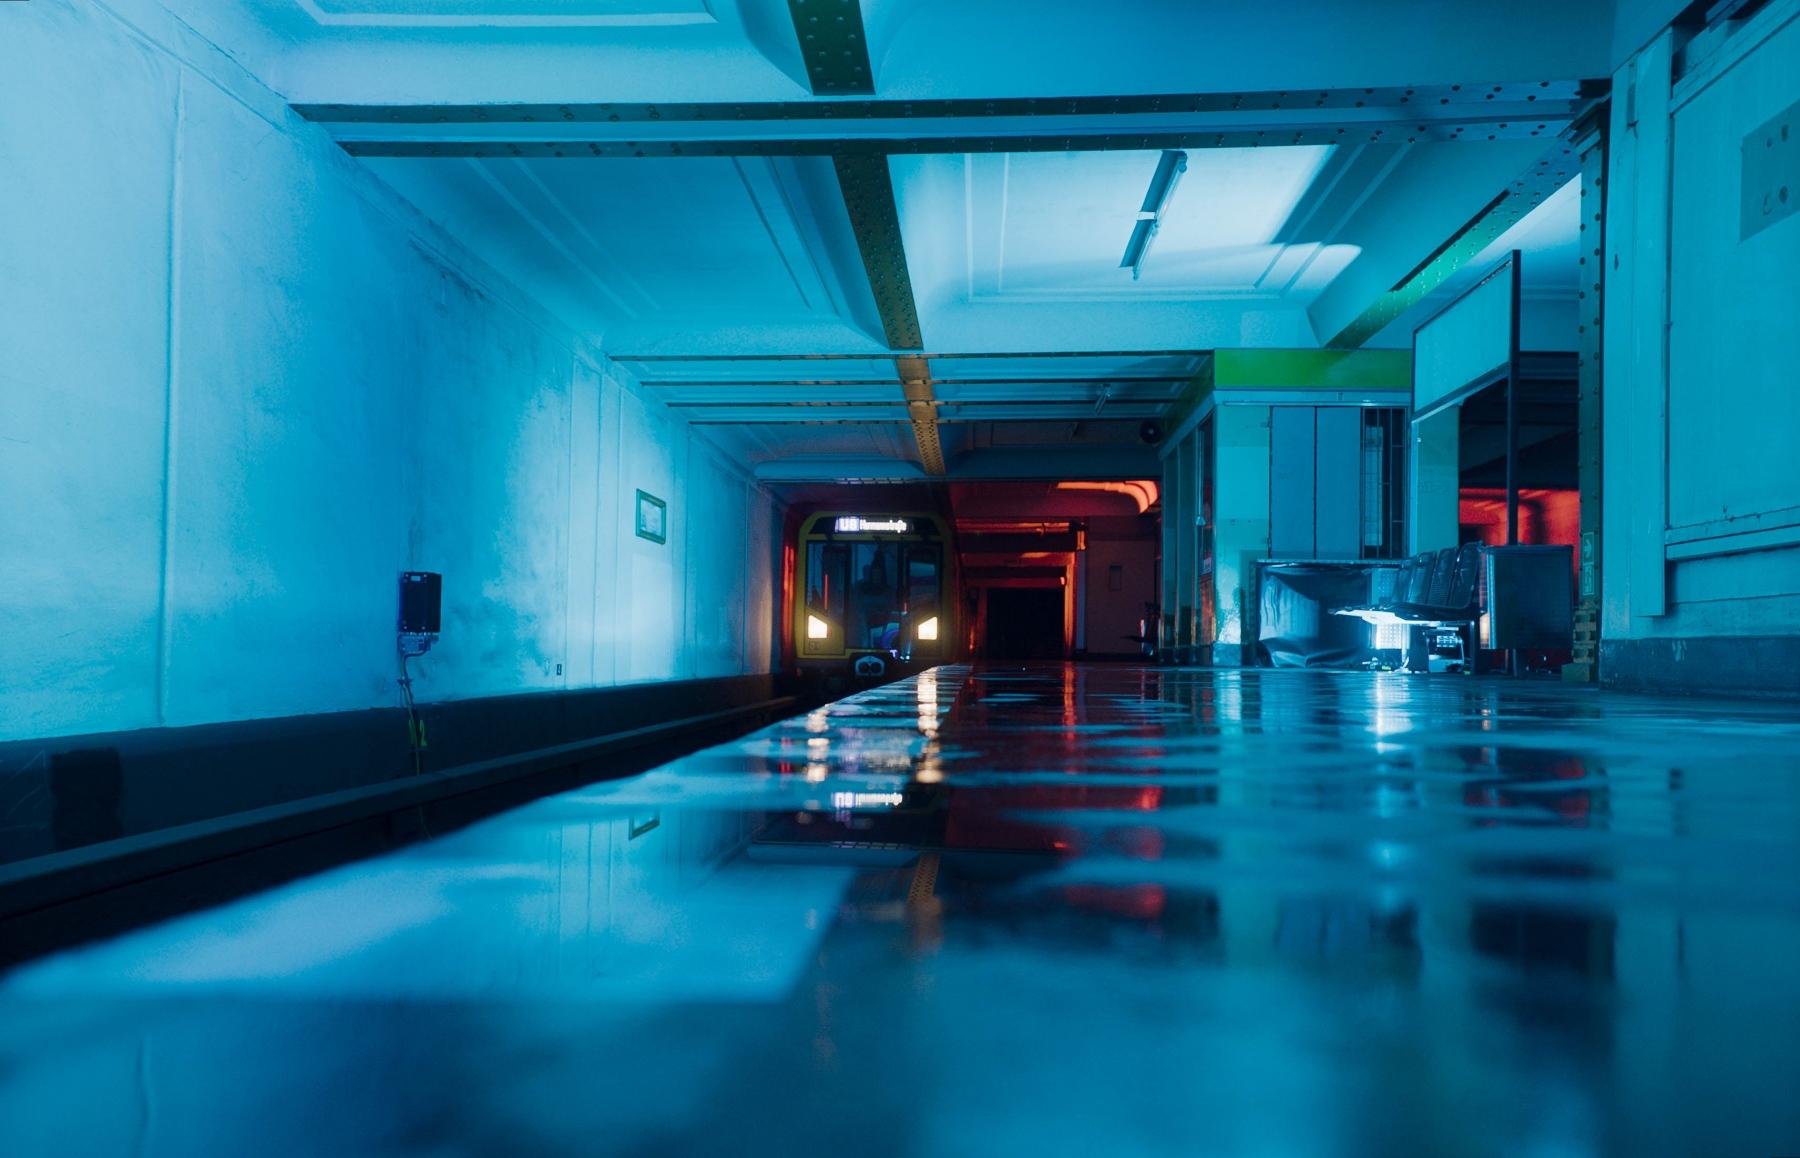 BVG_LichtImSchacht_U-Bahnhof_01